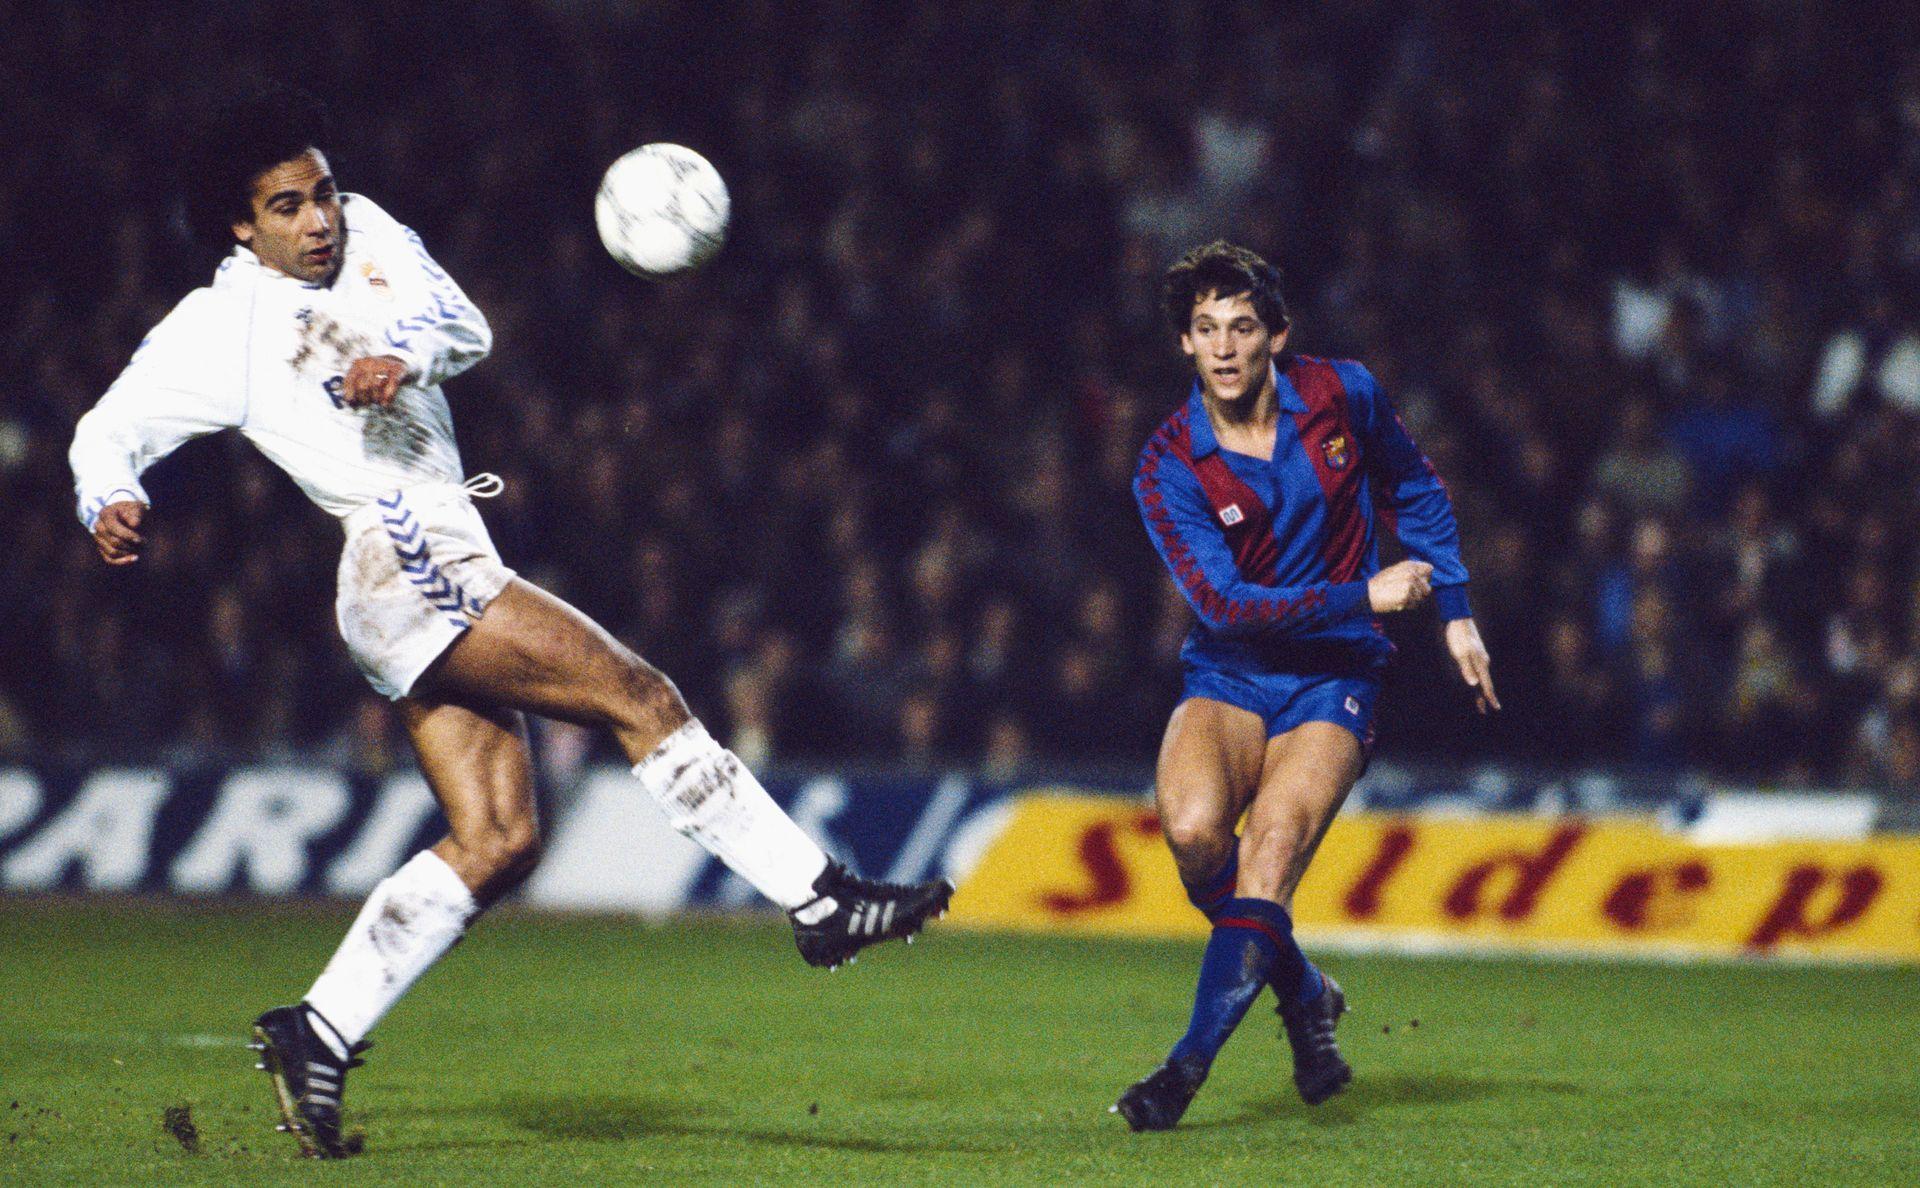 """Класика от 80-те: Двама от най-големите нападатели в света в онзи момент - Гари Линекер (""""Барса"""") и Уго Санчес (""""Реал""""). Снимка: Getty Images"""